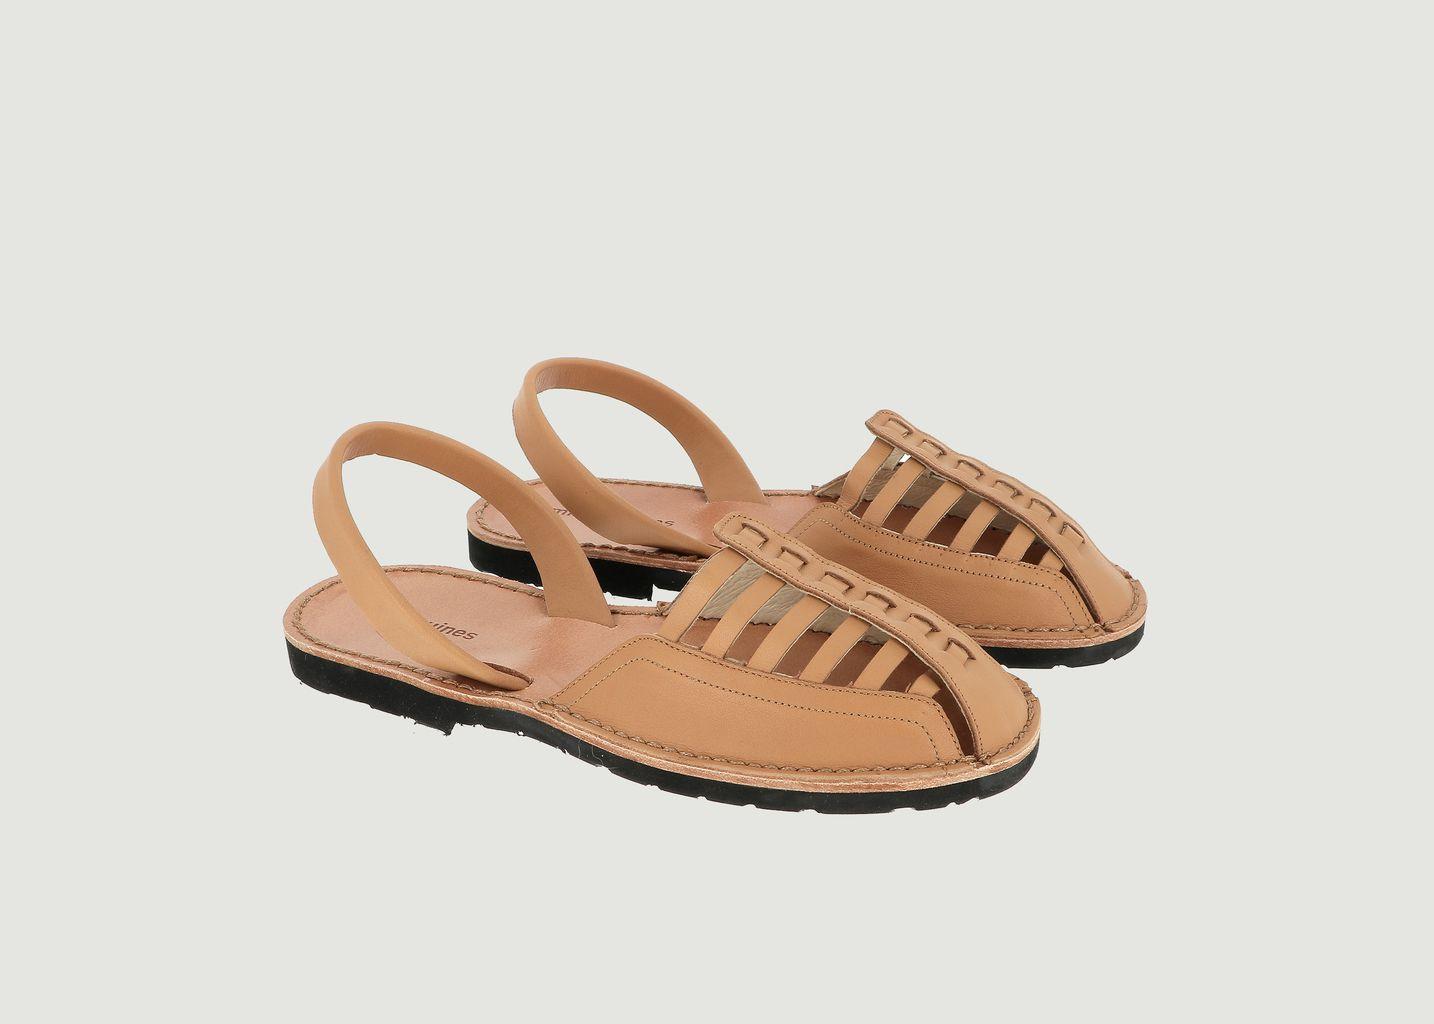 Sandales en cuir Avarca Neo 5 Santorin - Minorquines